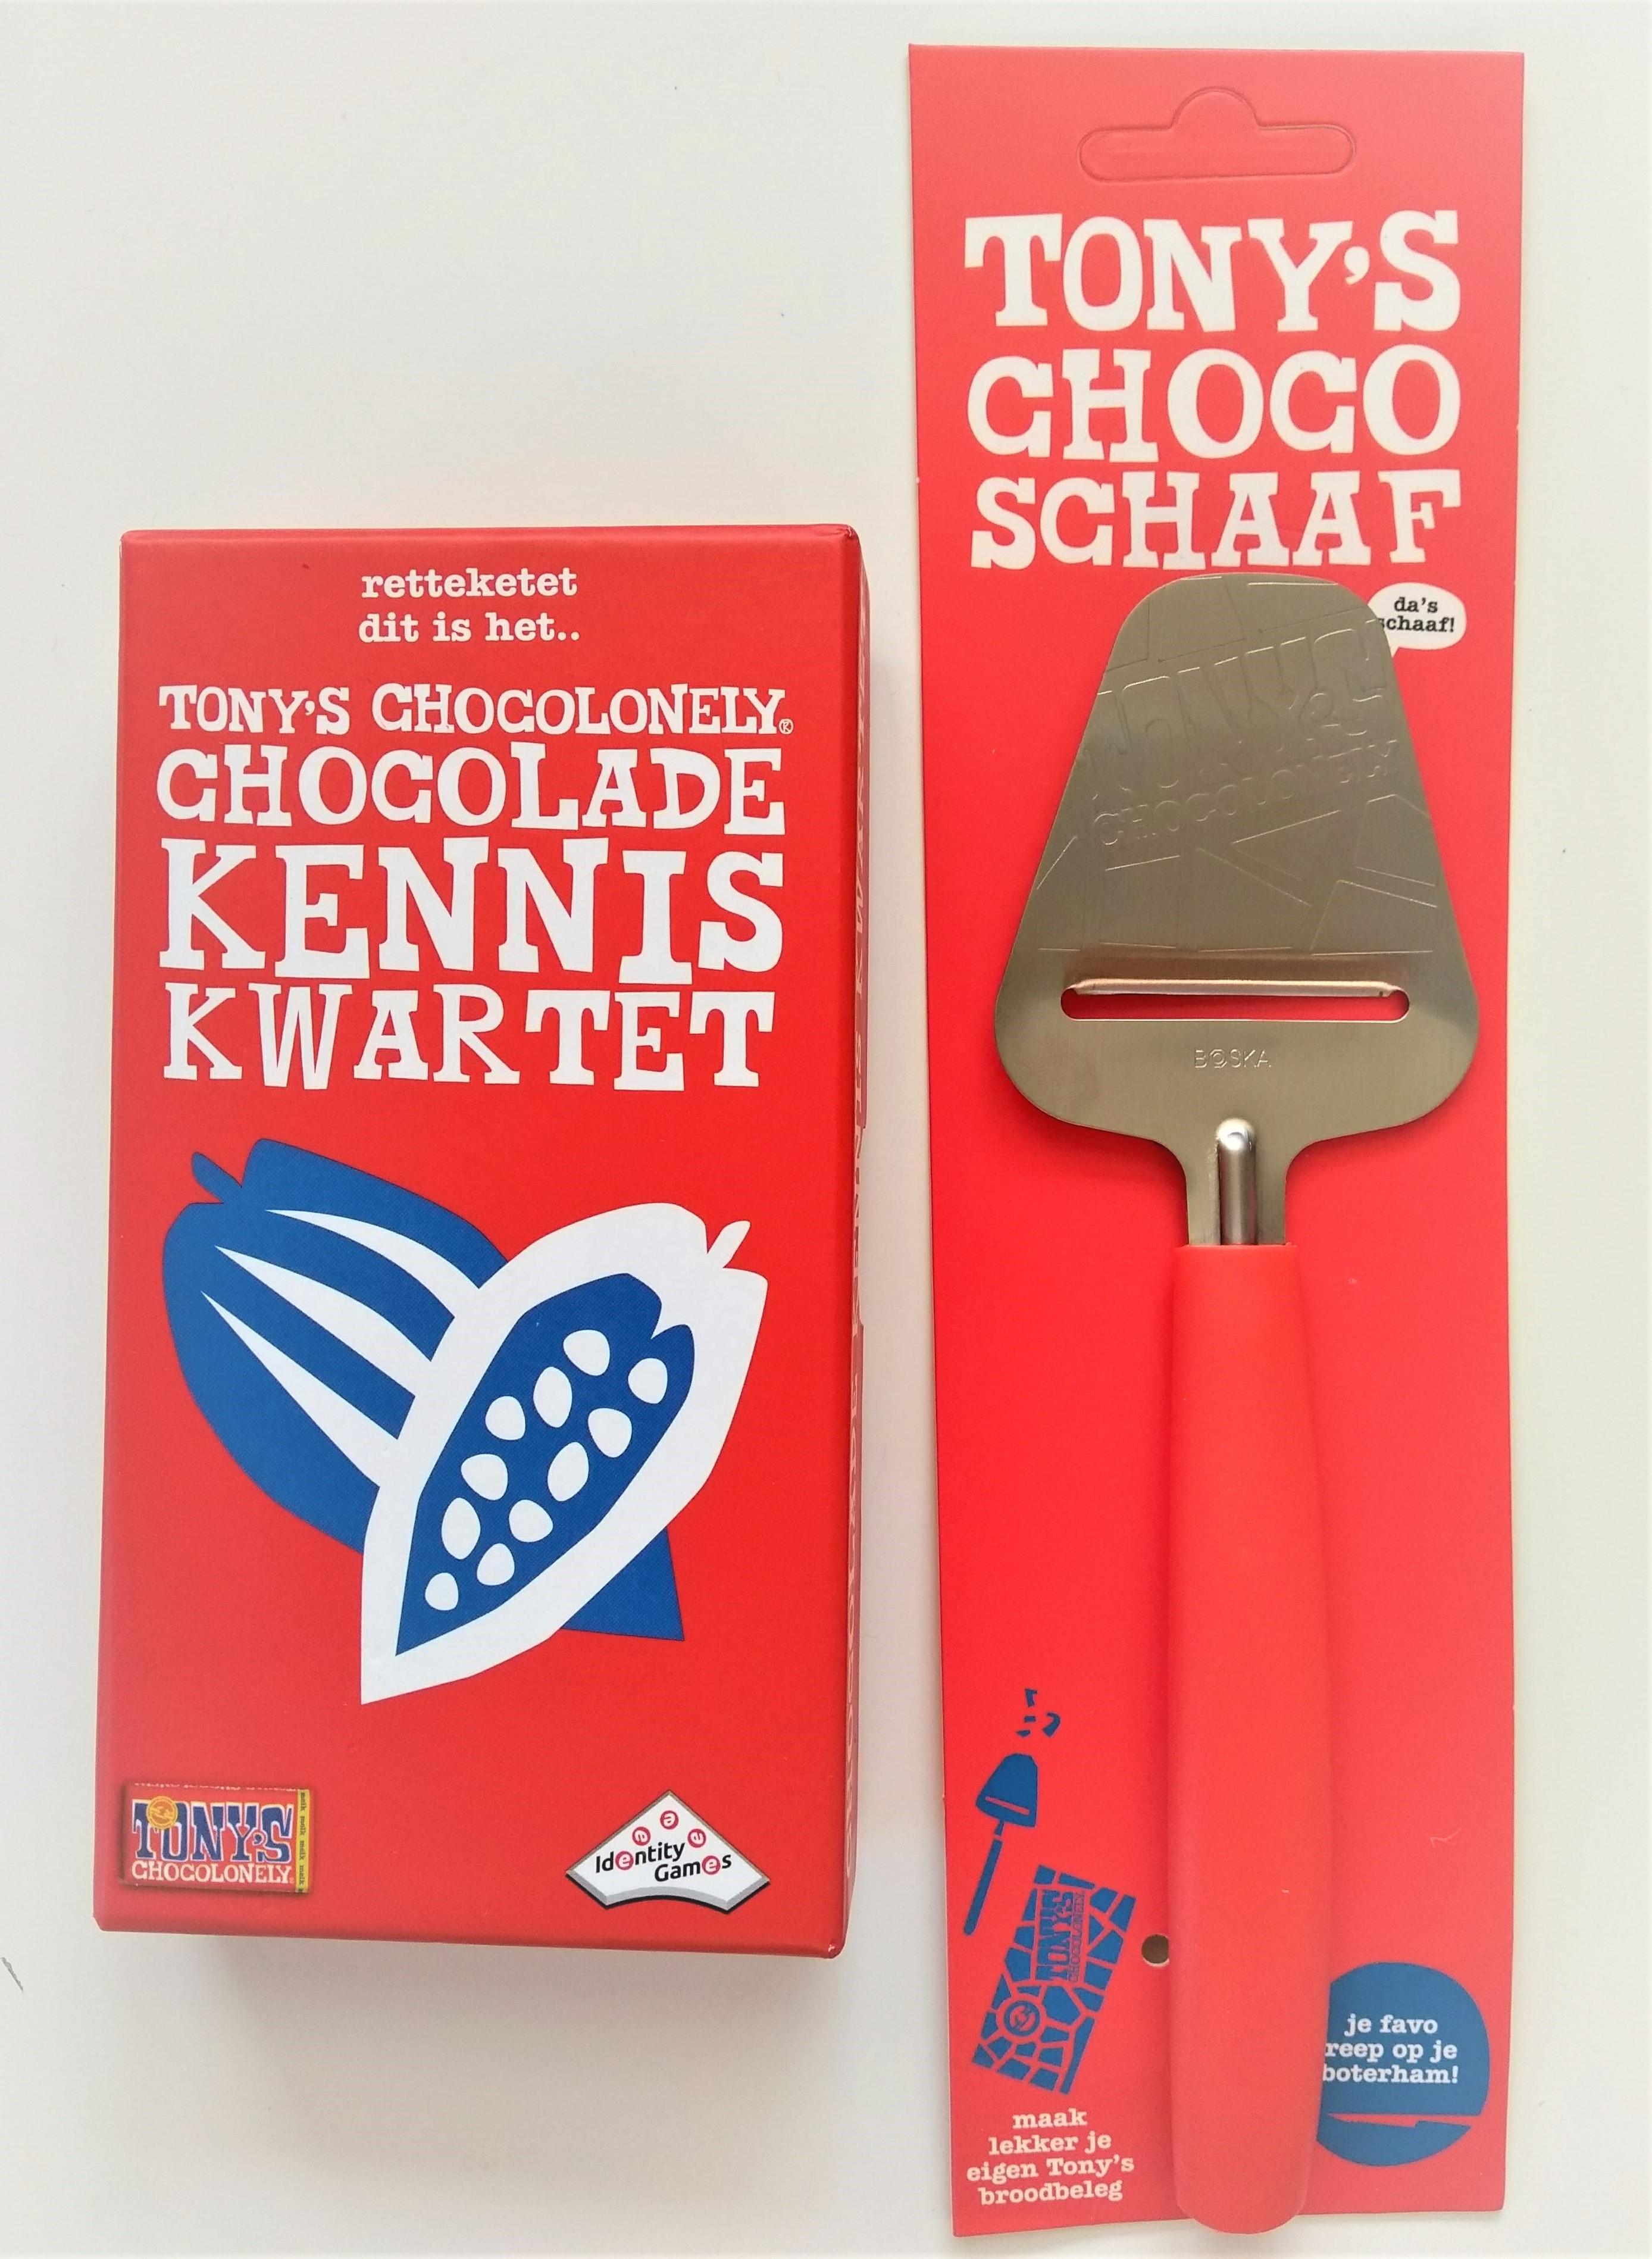 Chocoschaaf en kwartet: nieuwe Tony's Chocolonely gadgets!